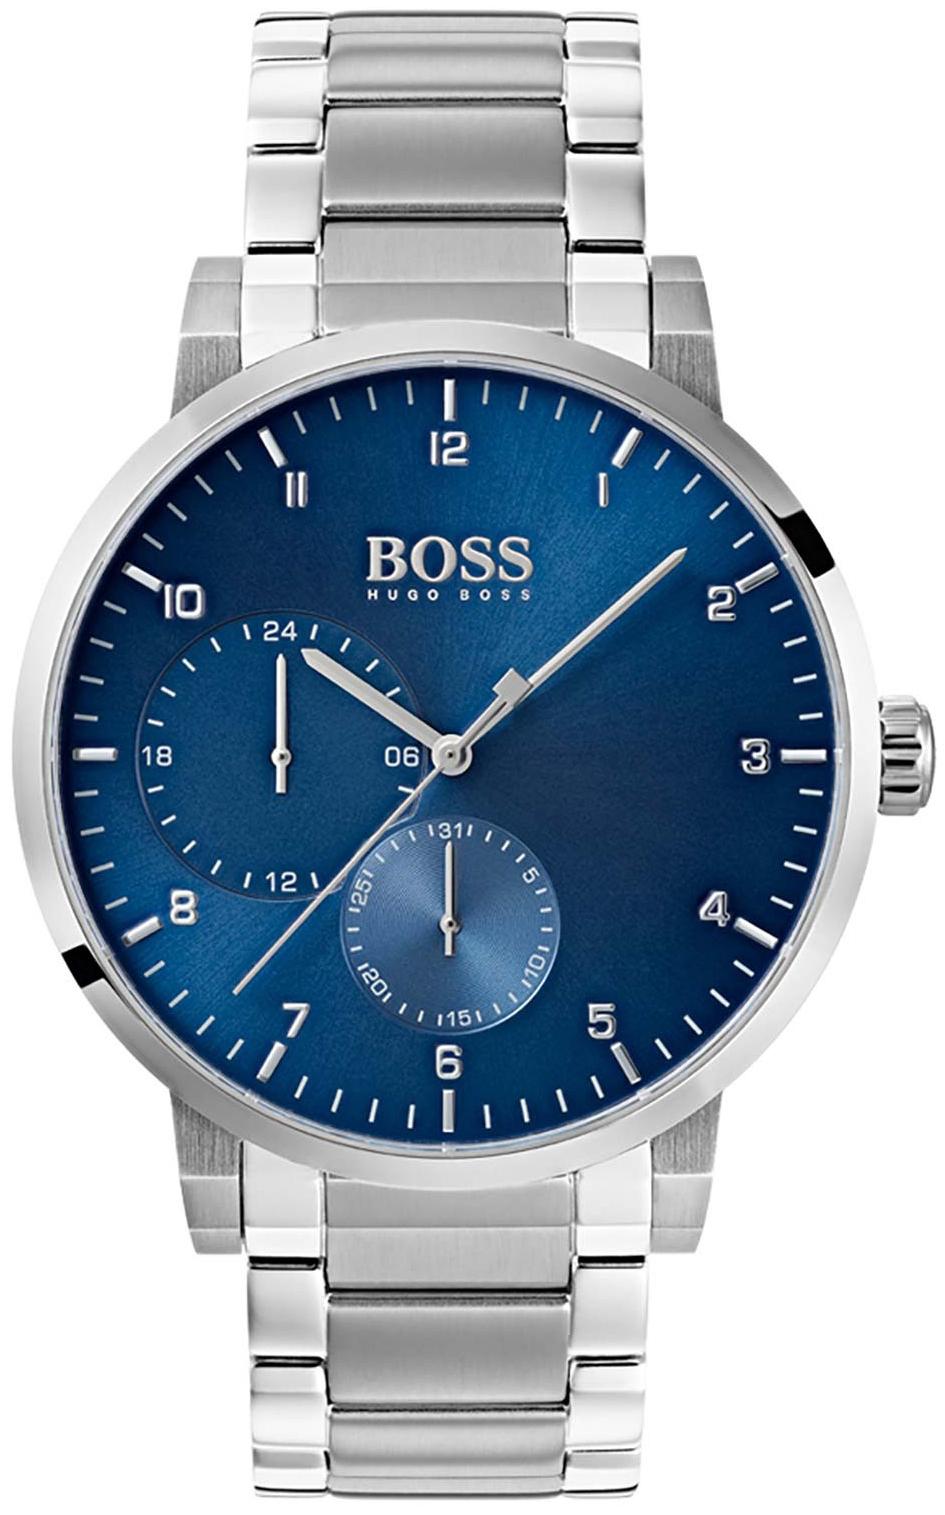 Hugo Boss 99999 Herreklokke 1513597 Blå/Stål Ø42 mm - Hugo Boss